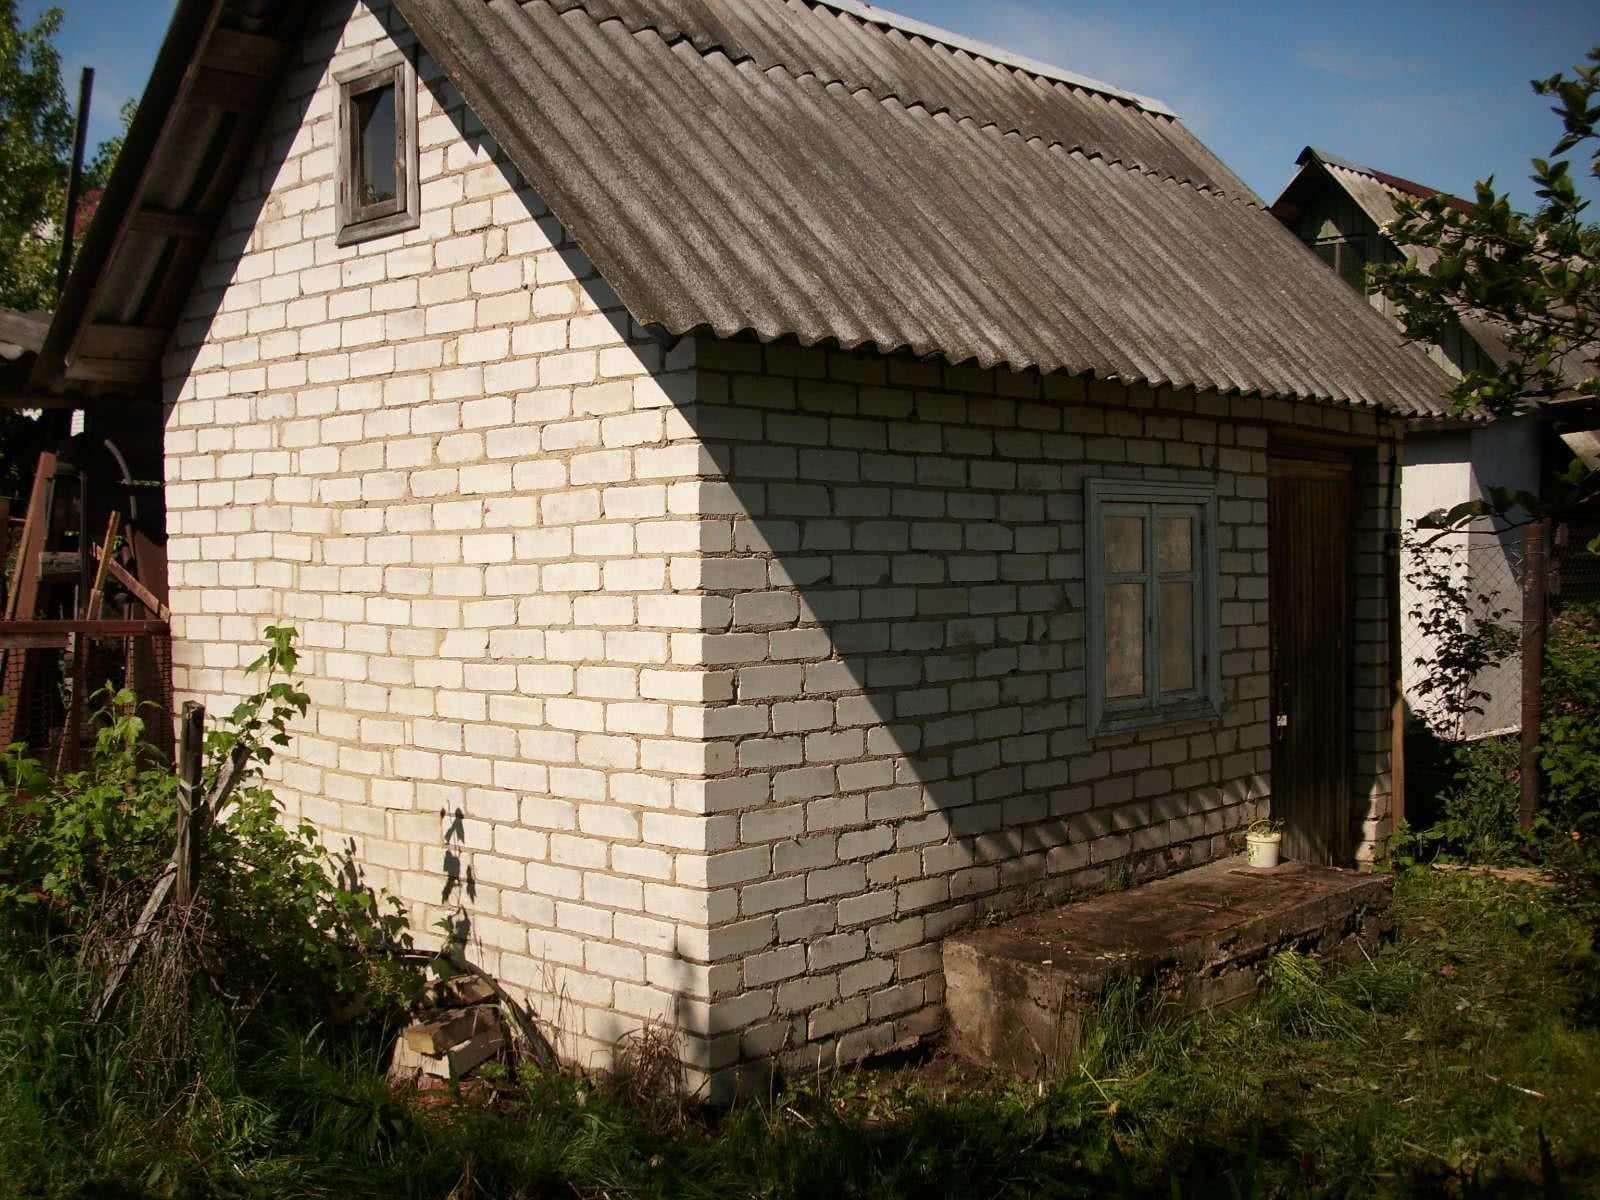 Купить земельный участок, 4 сотки, Наш Родник, Минский район, Минская область - фото 1